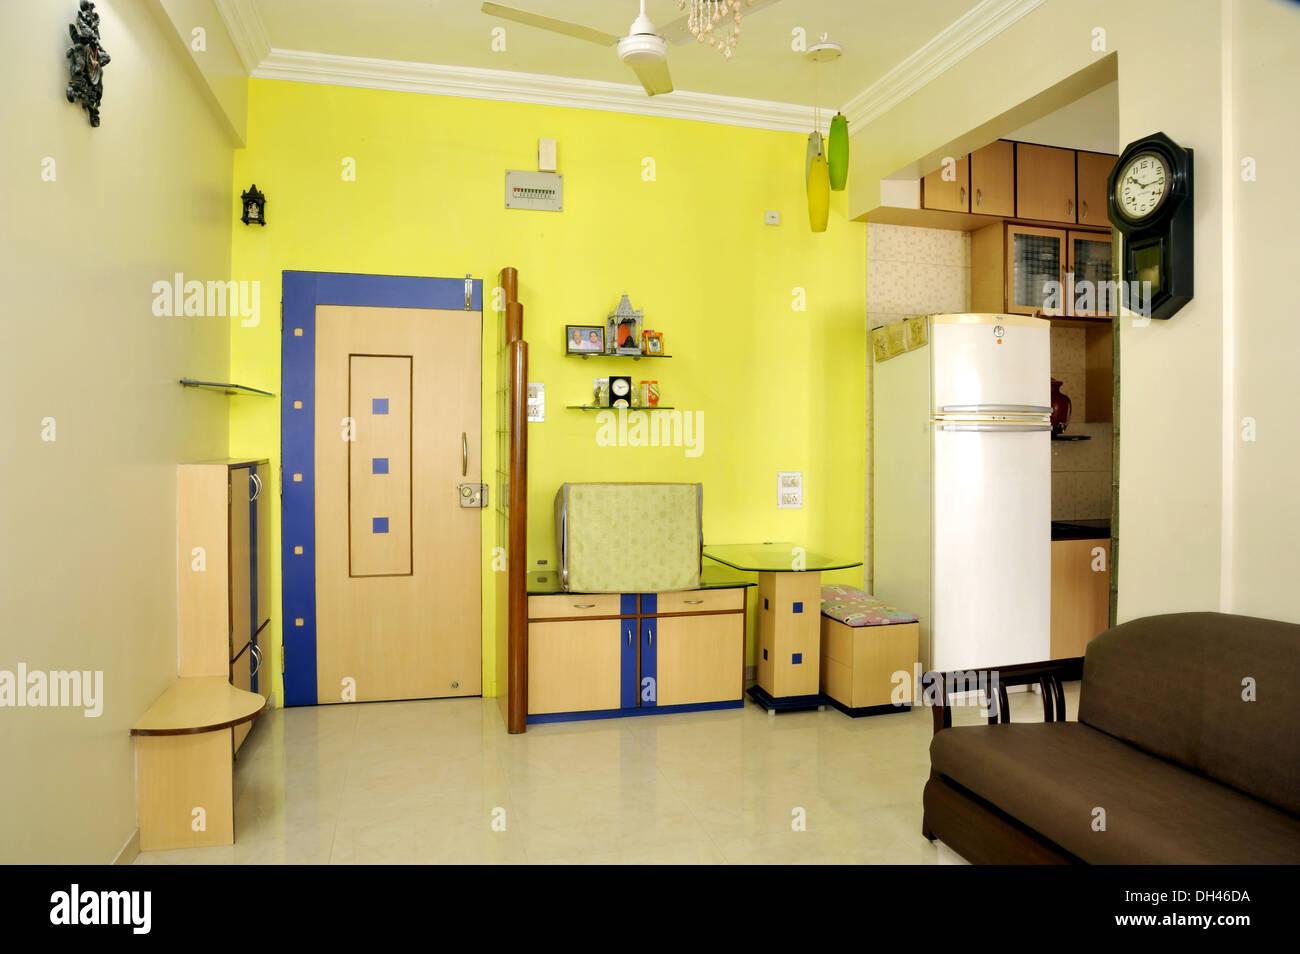 Wohnzimmer Interieur sofa Kühlschrank tisch Tür Uhr in Mumbai ...